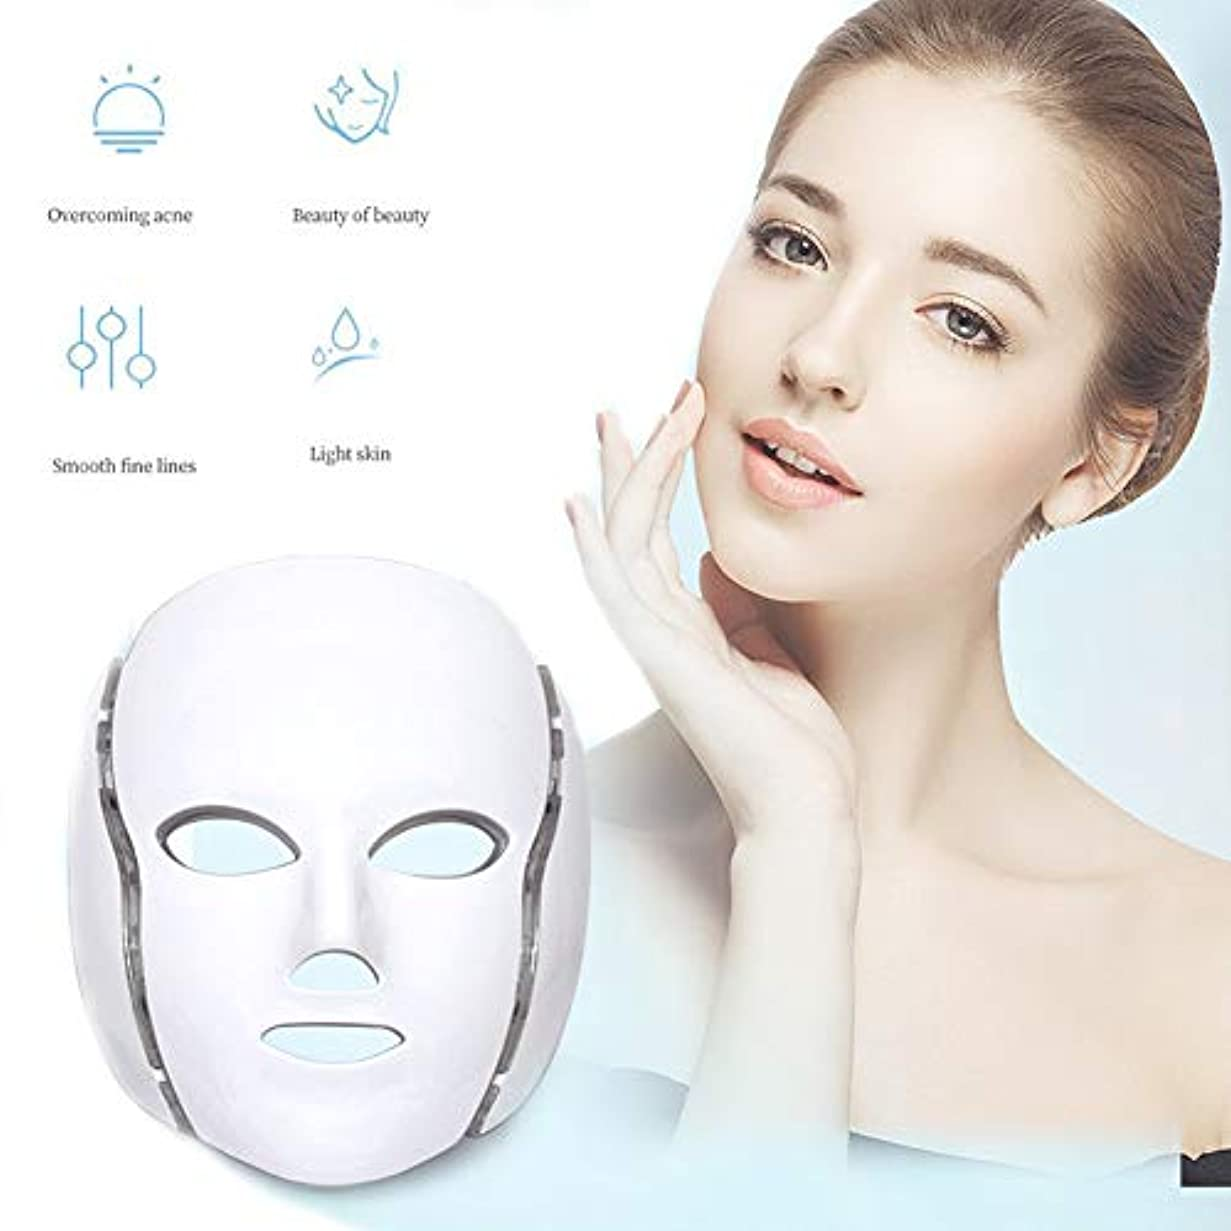 7色LEDライトマスク美容器具フェイシャルマスクPhotorejuvenationスペクトル美容器具ネックマスクセット